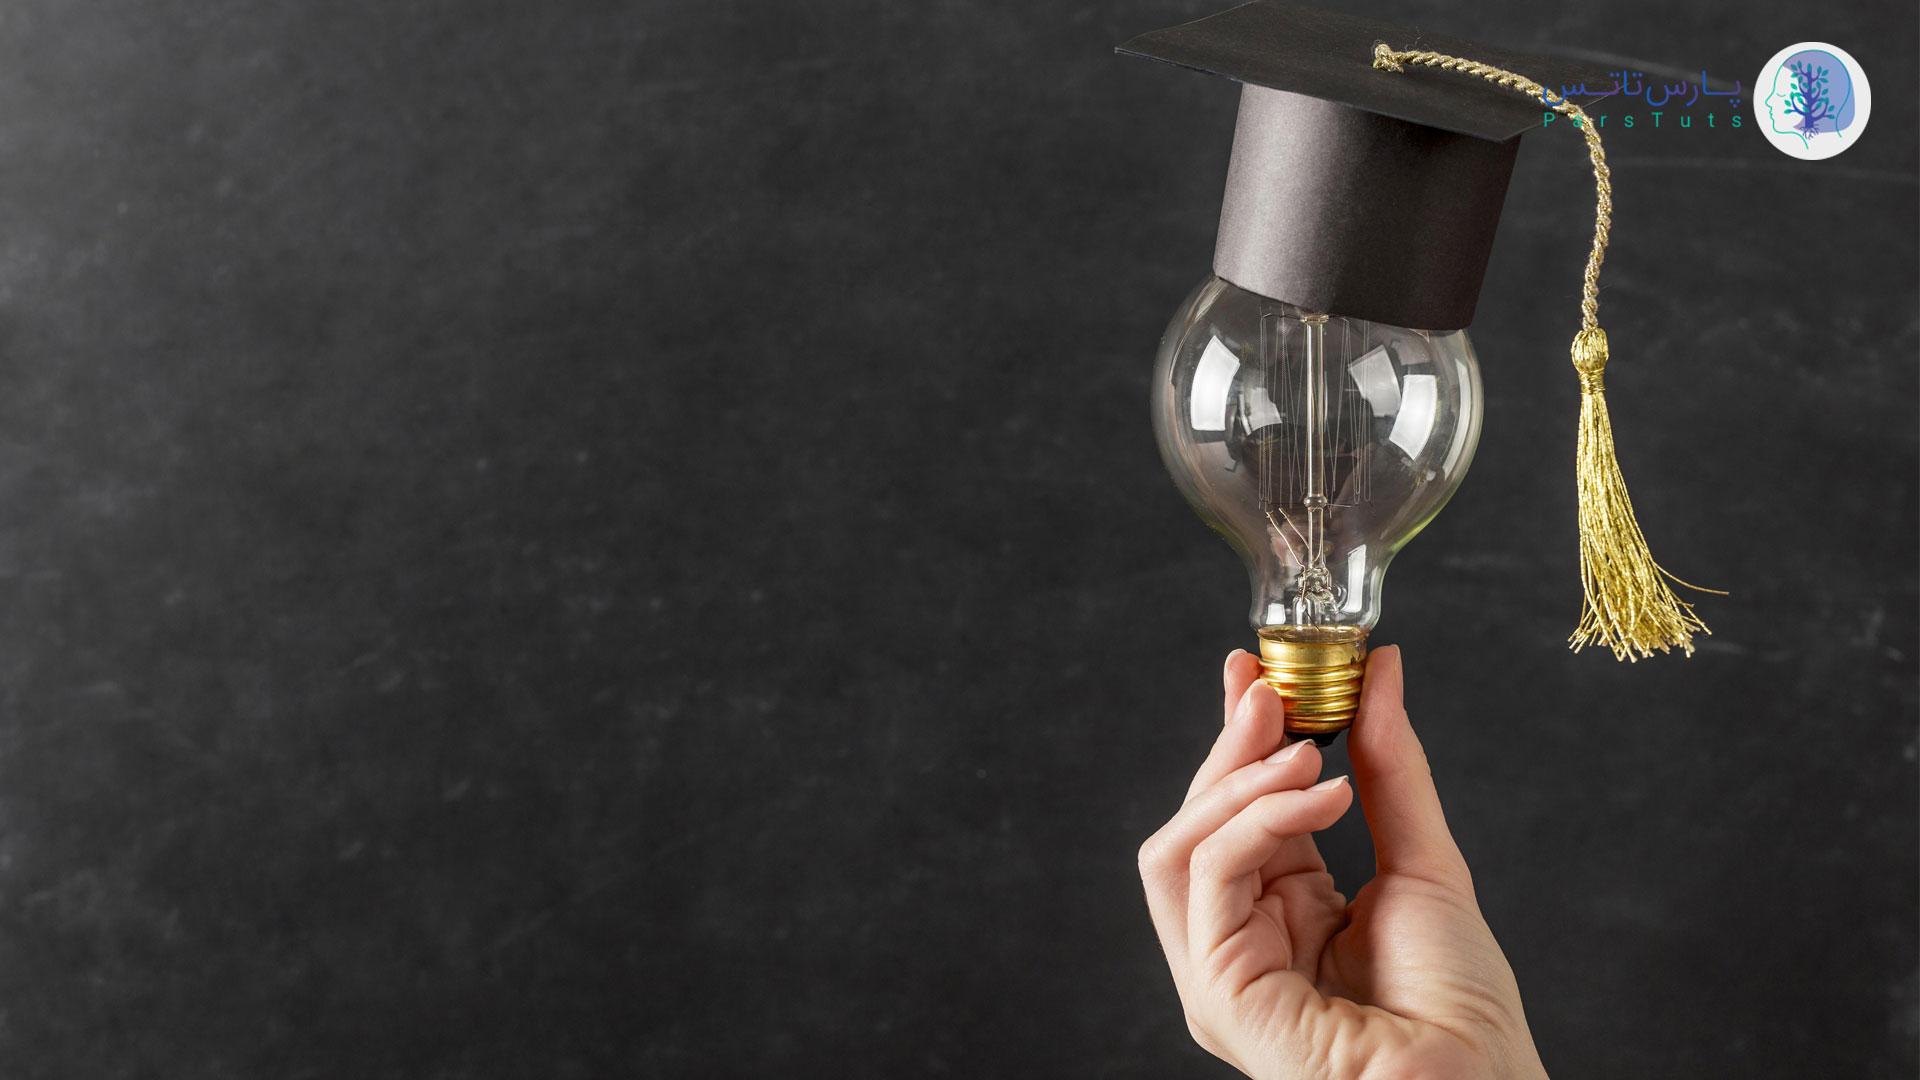 شرکت دانش بنیان چیست ؟ | زمینه های فعالیت شرکت دانش بنیان